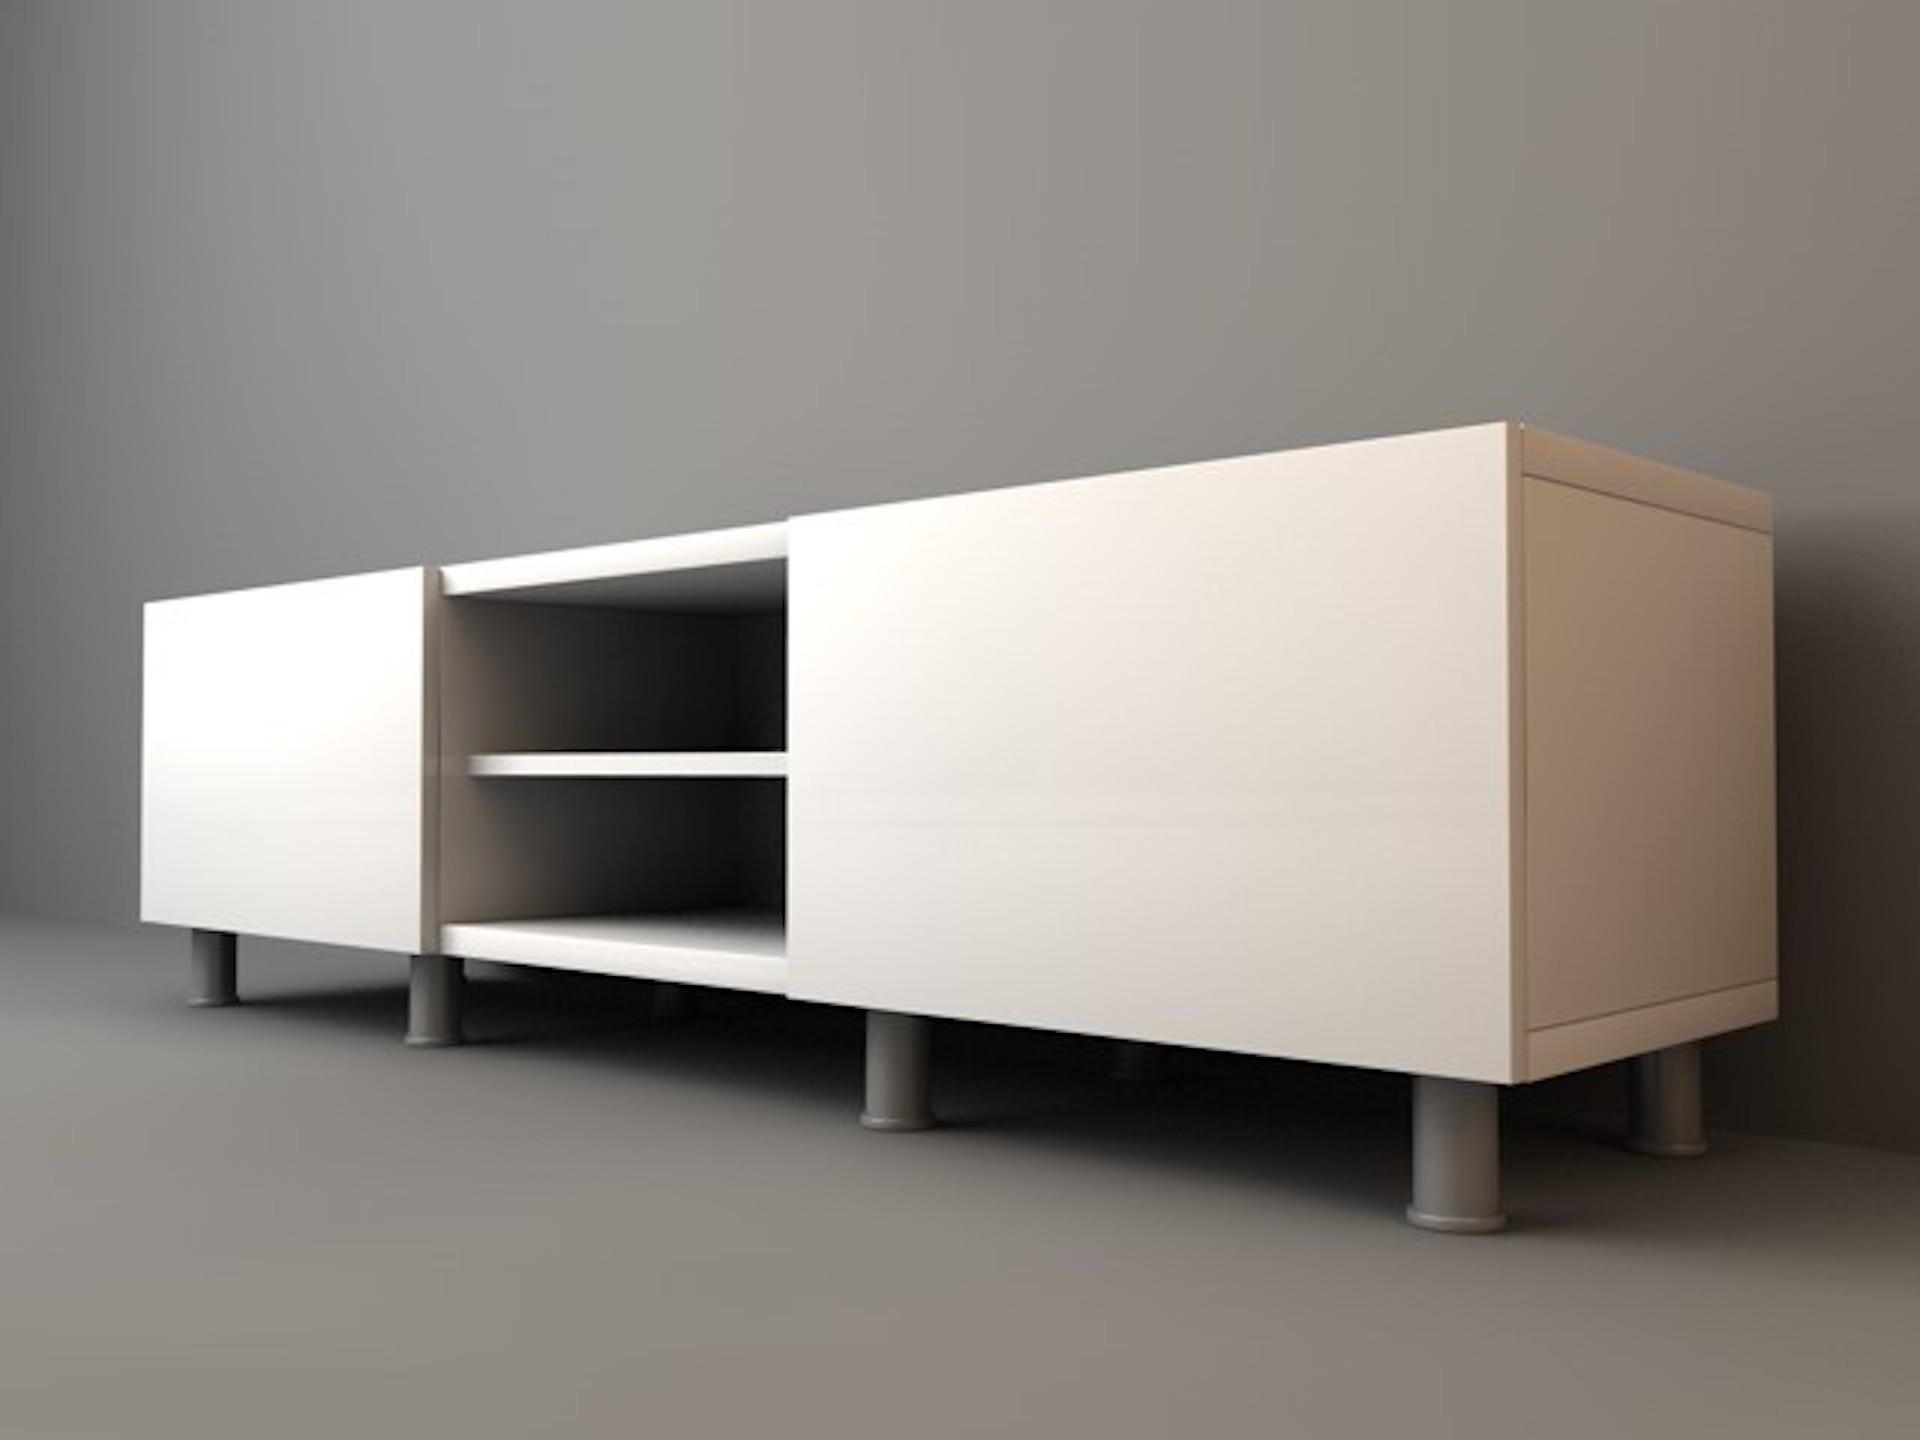 Porta tv modelli download c4dzone - Ikea mobile porta tv ...